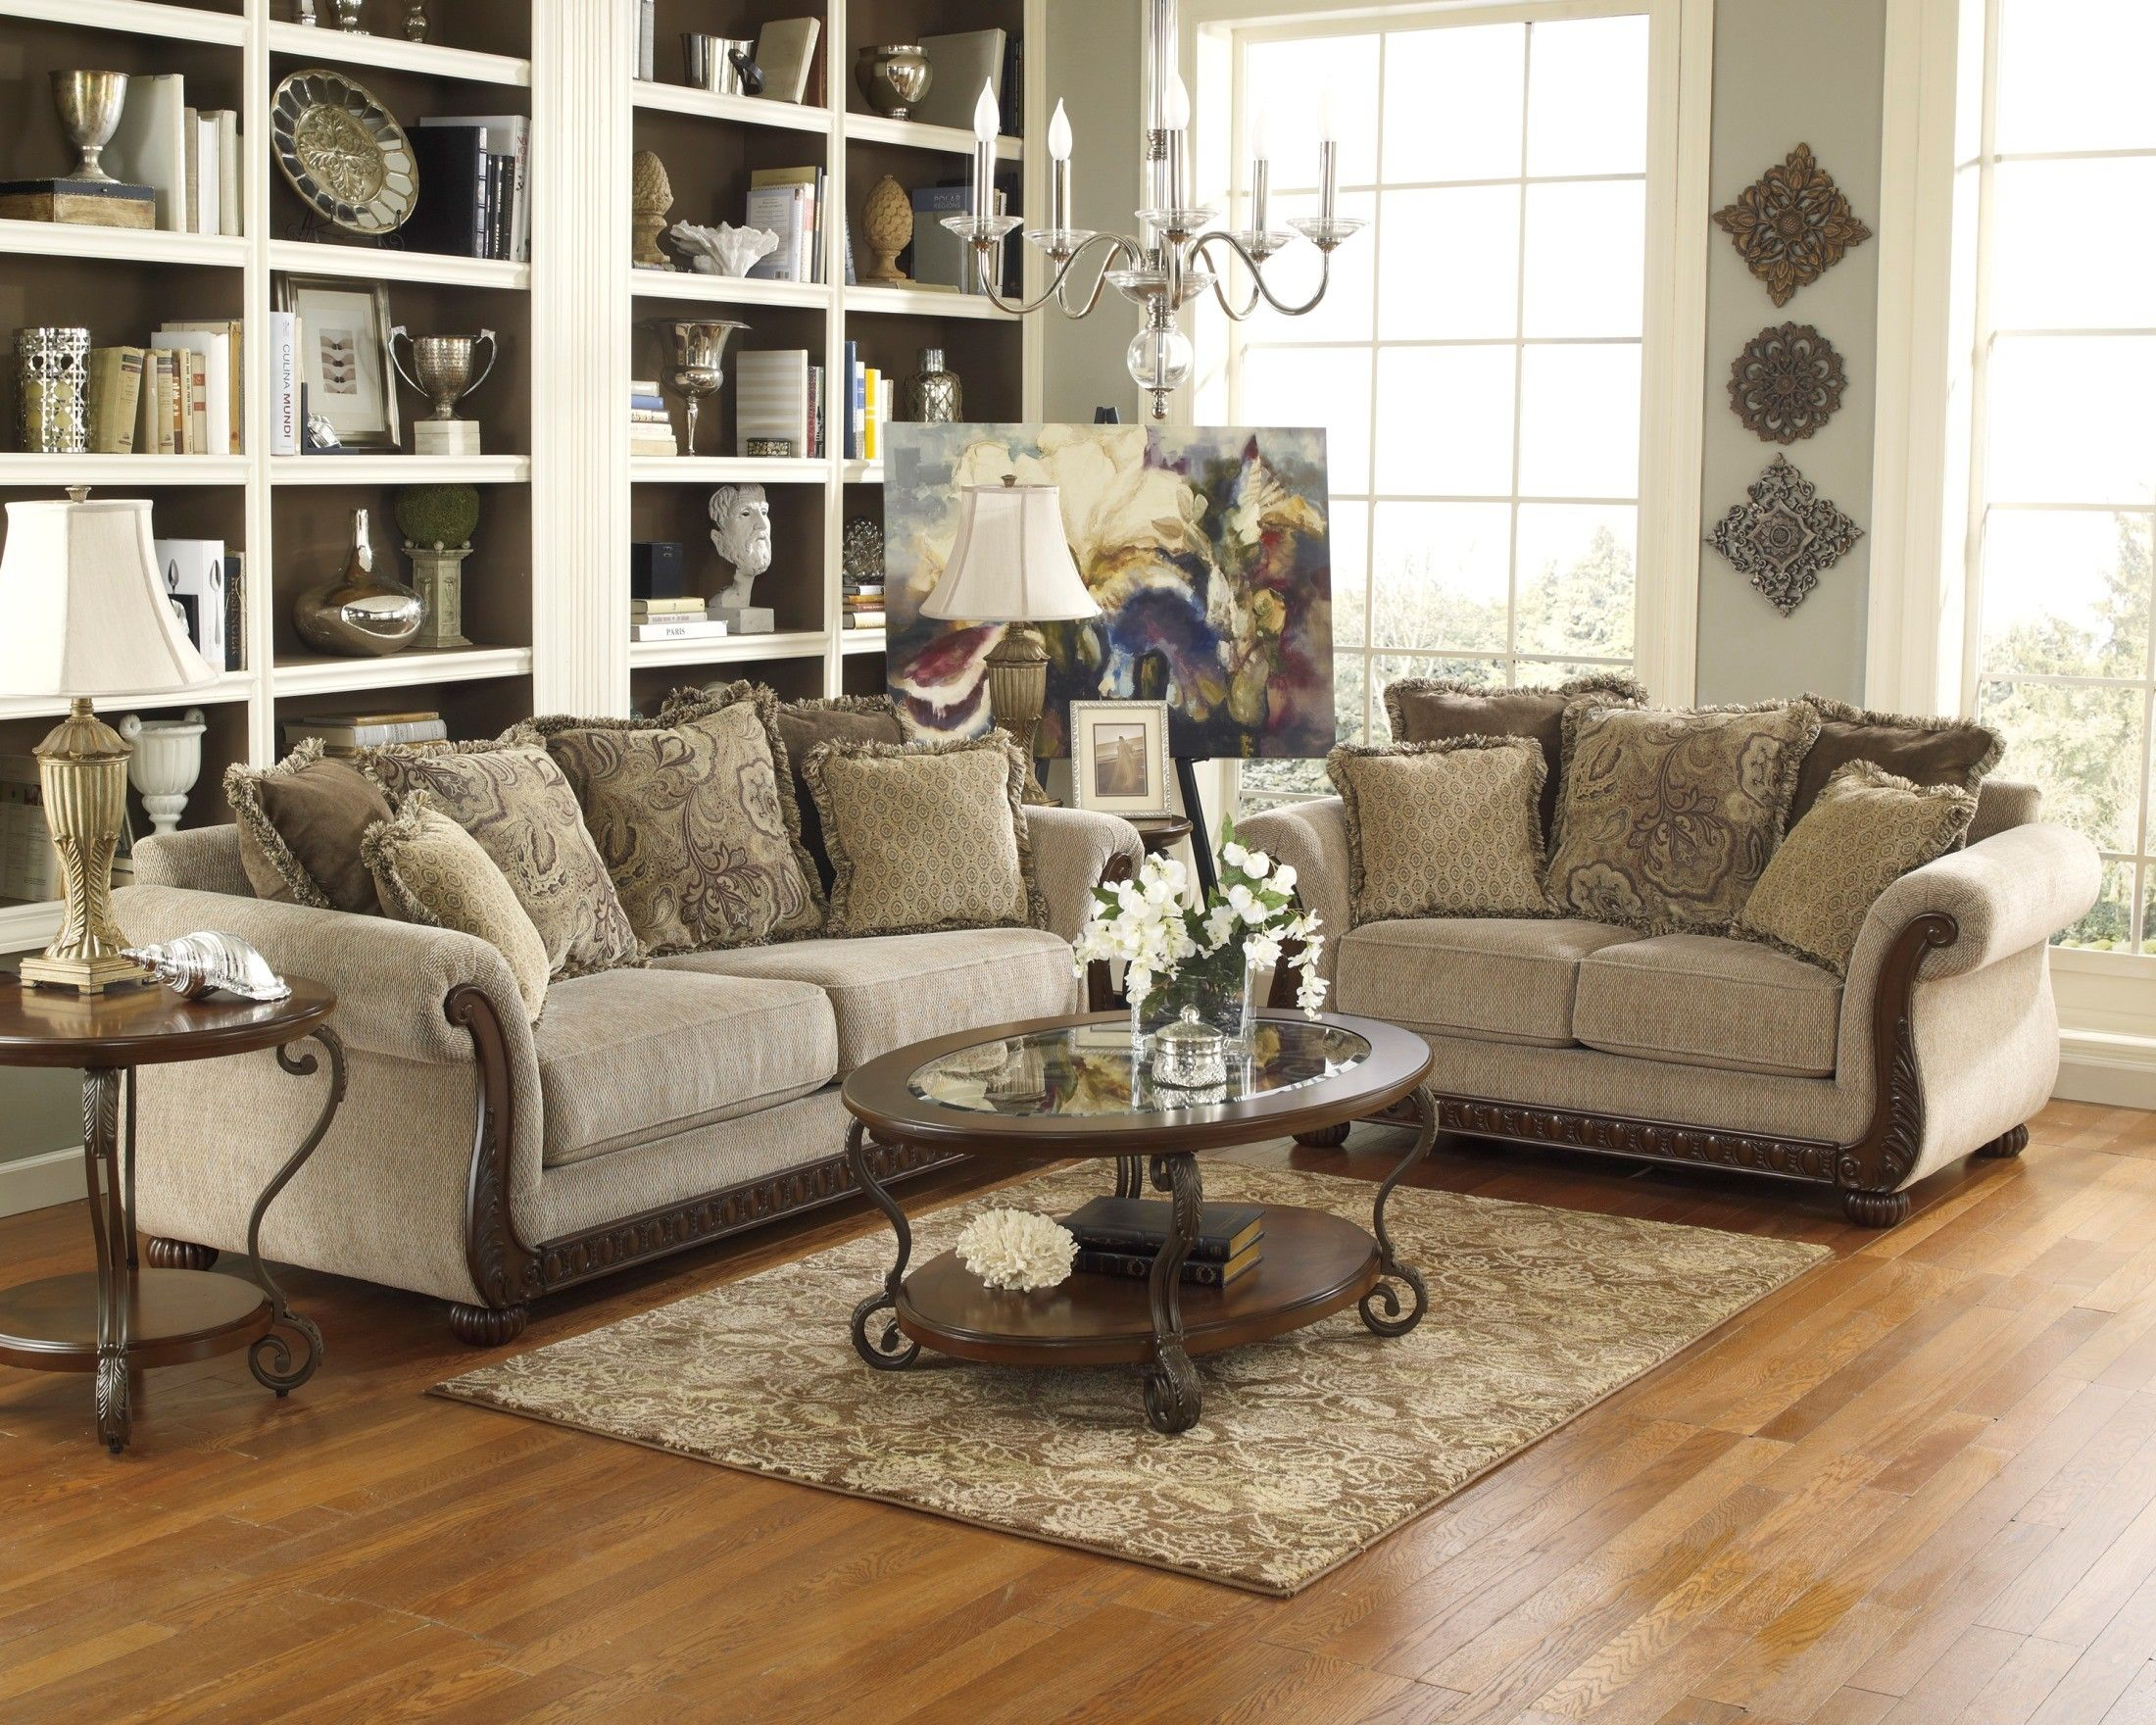 gracie anne sofa